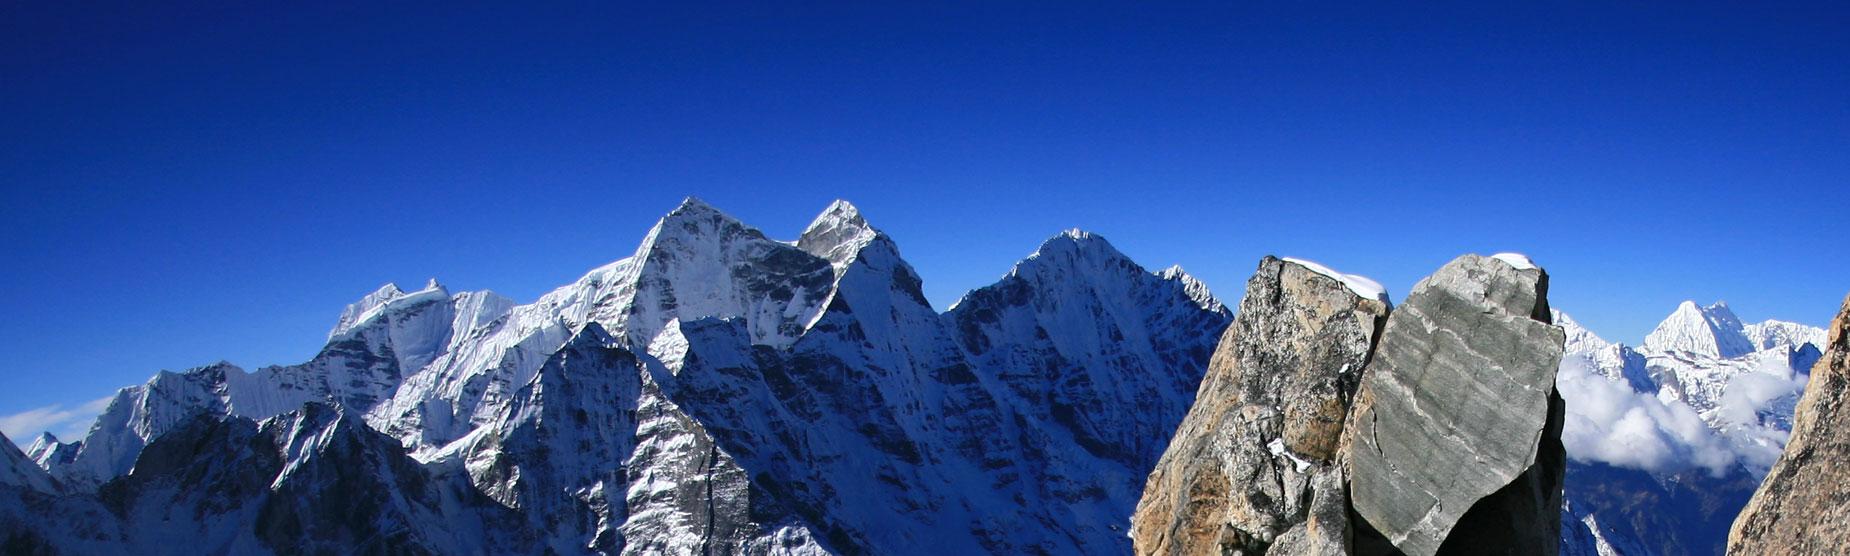 Exploring Himalaya and more ...